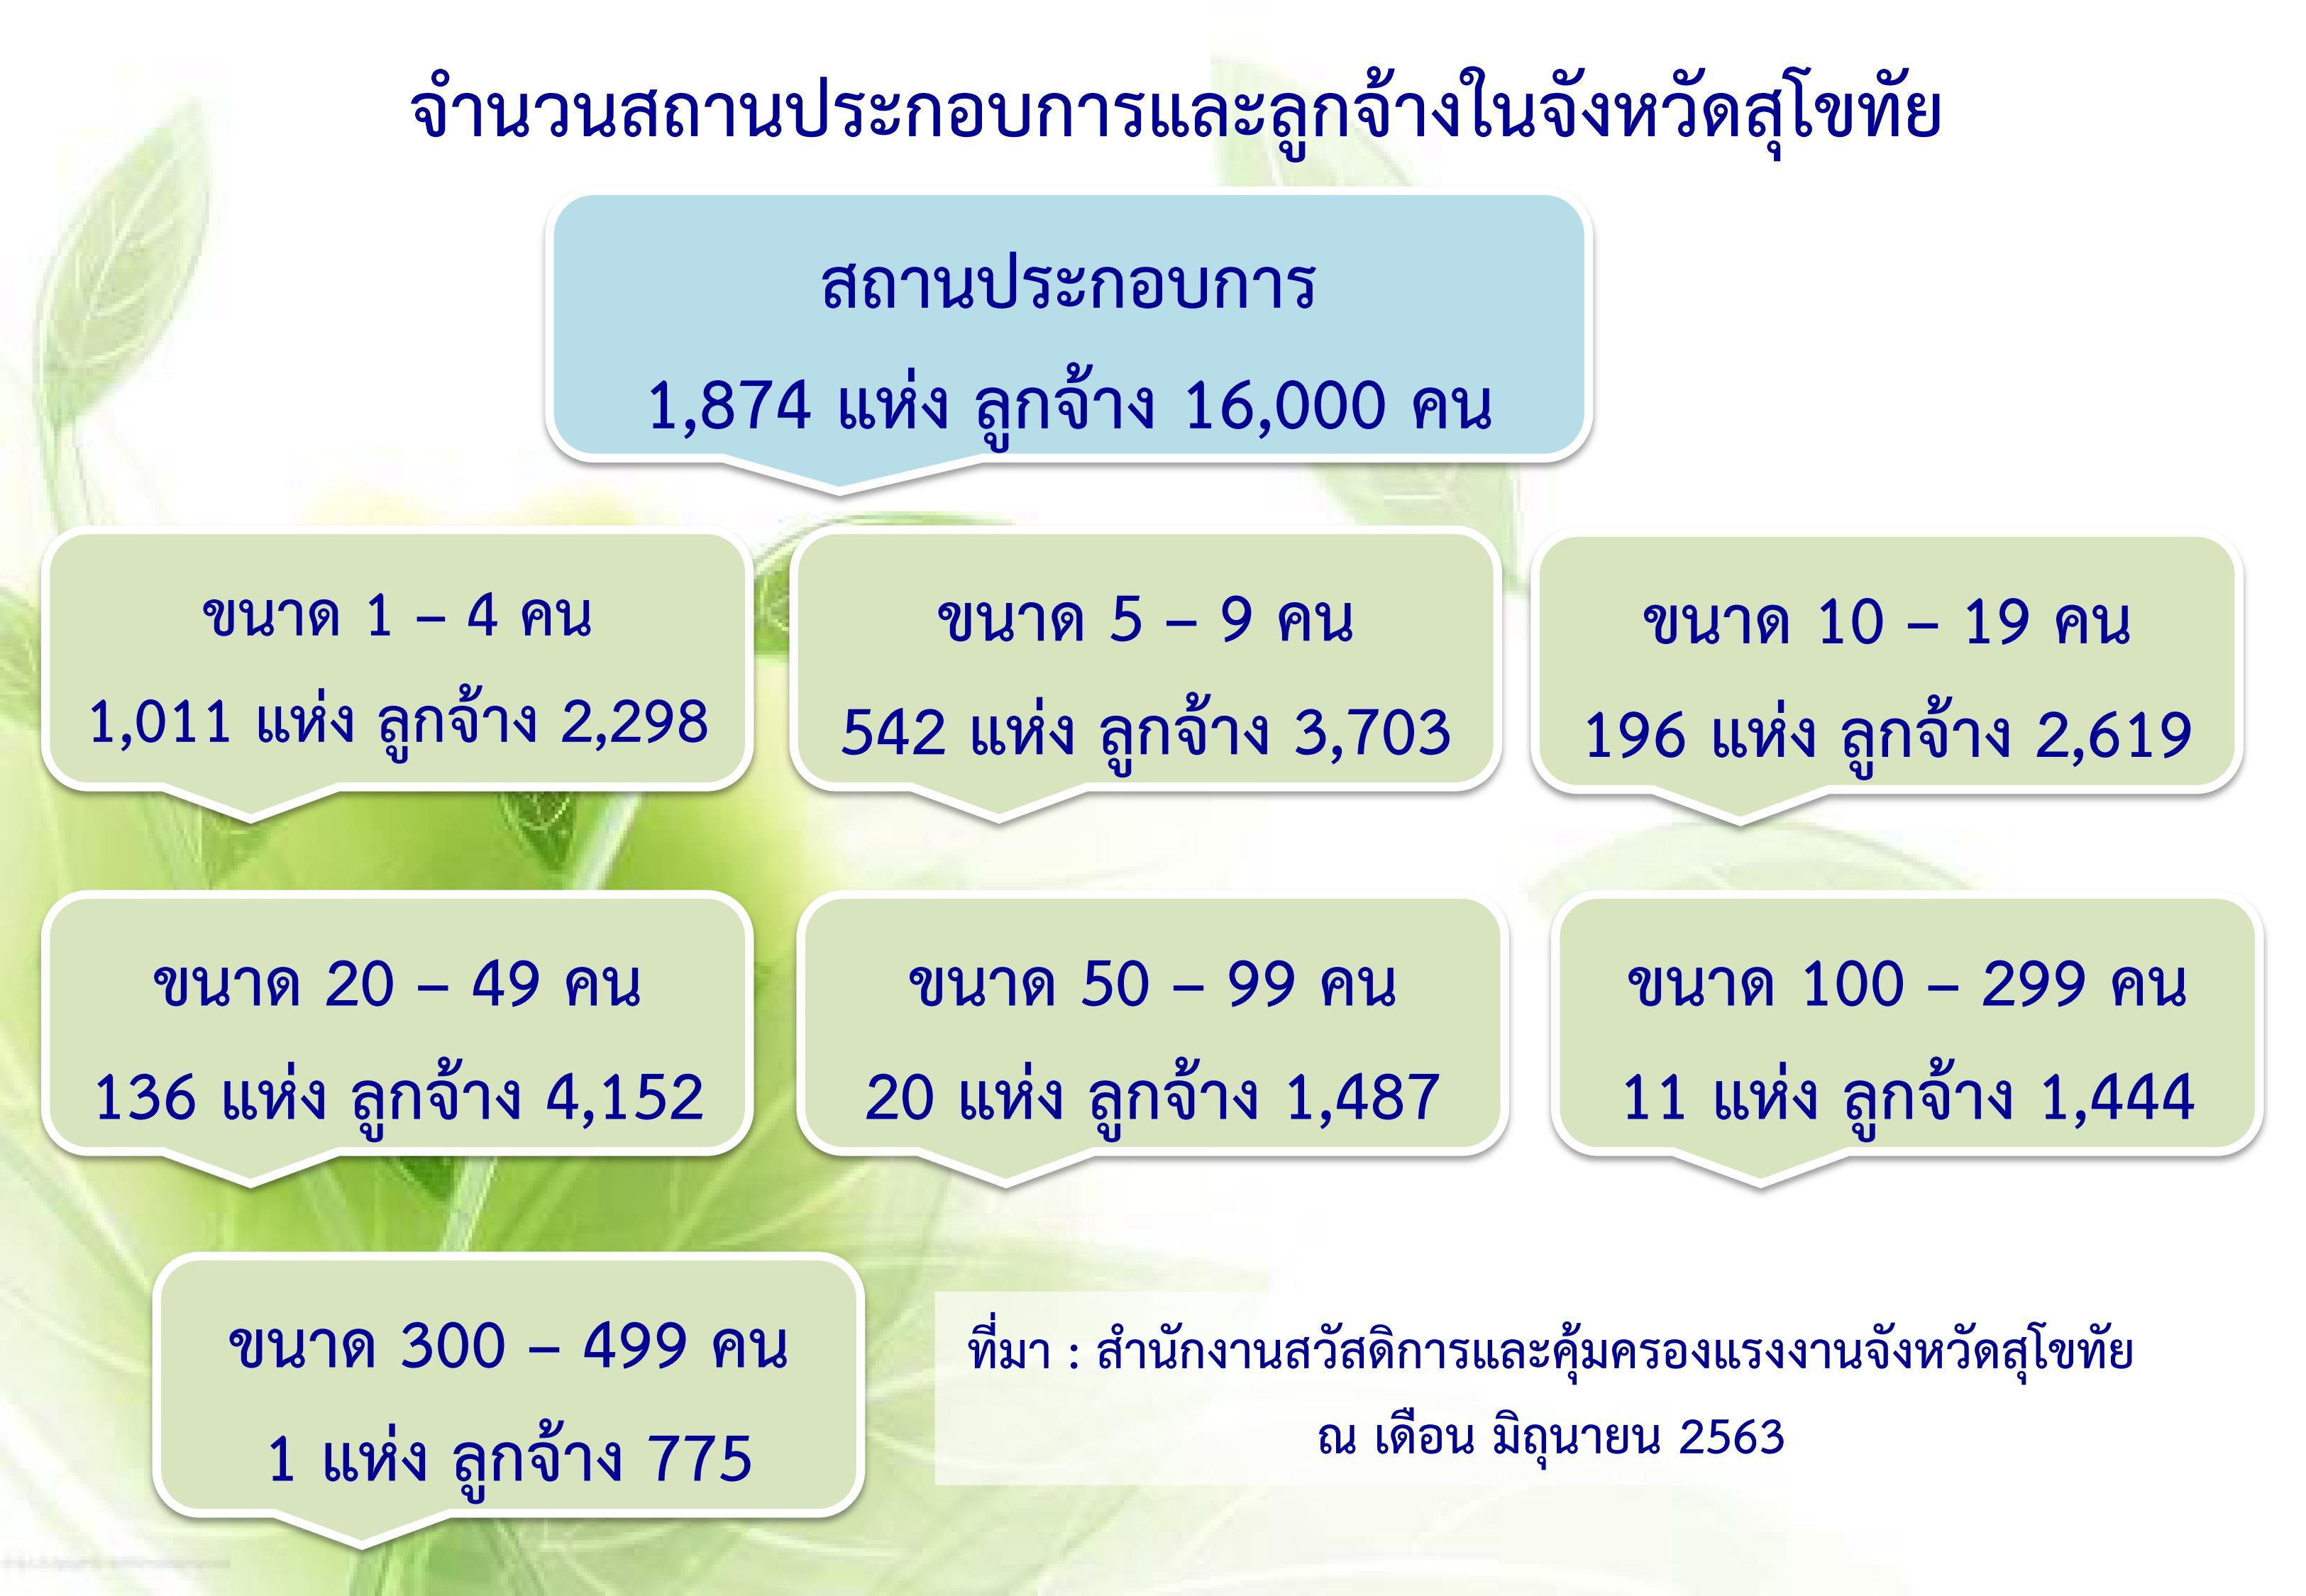 จำนวนสถานประกอบการและลูกจ้างในจังหวัดสุโขทัย